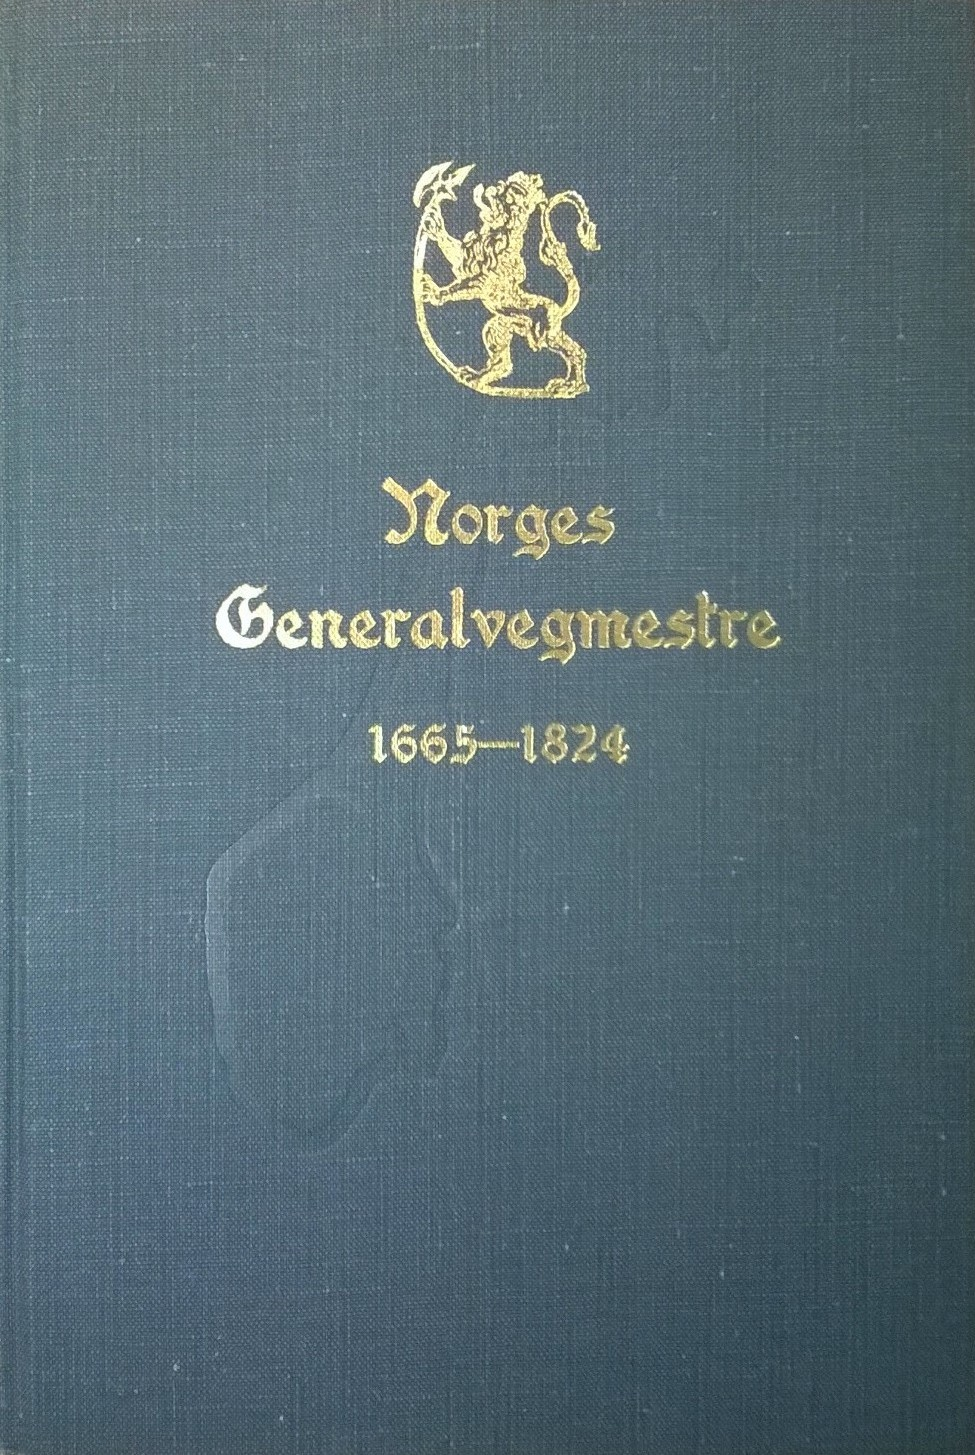 Paus, H.W. Norges generalvegmestre: Generalvegmesterperioden 1665—1824